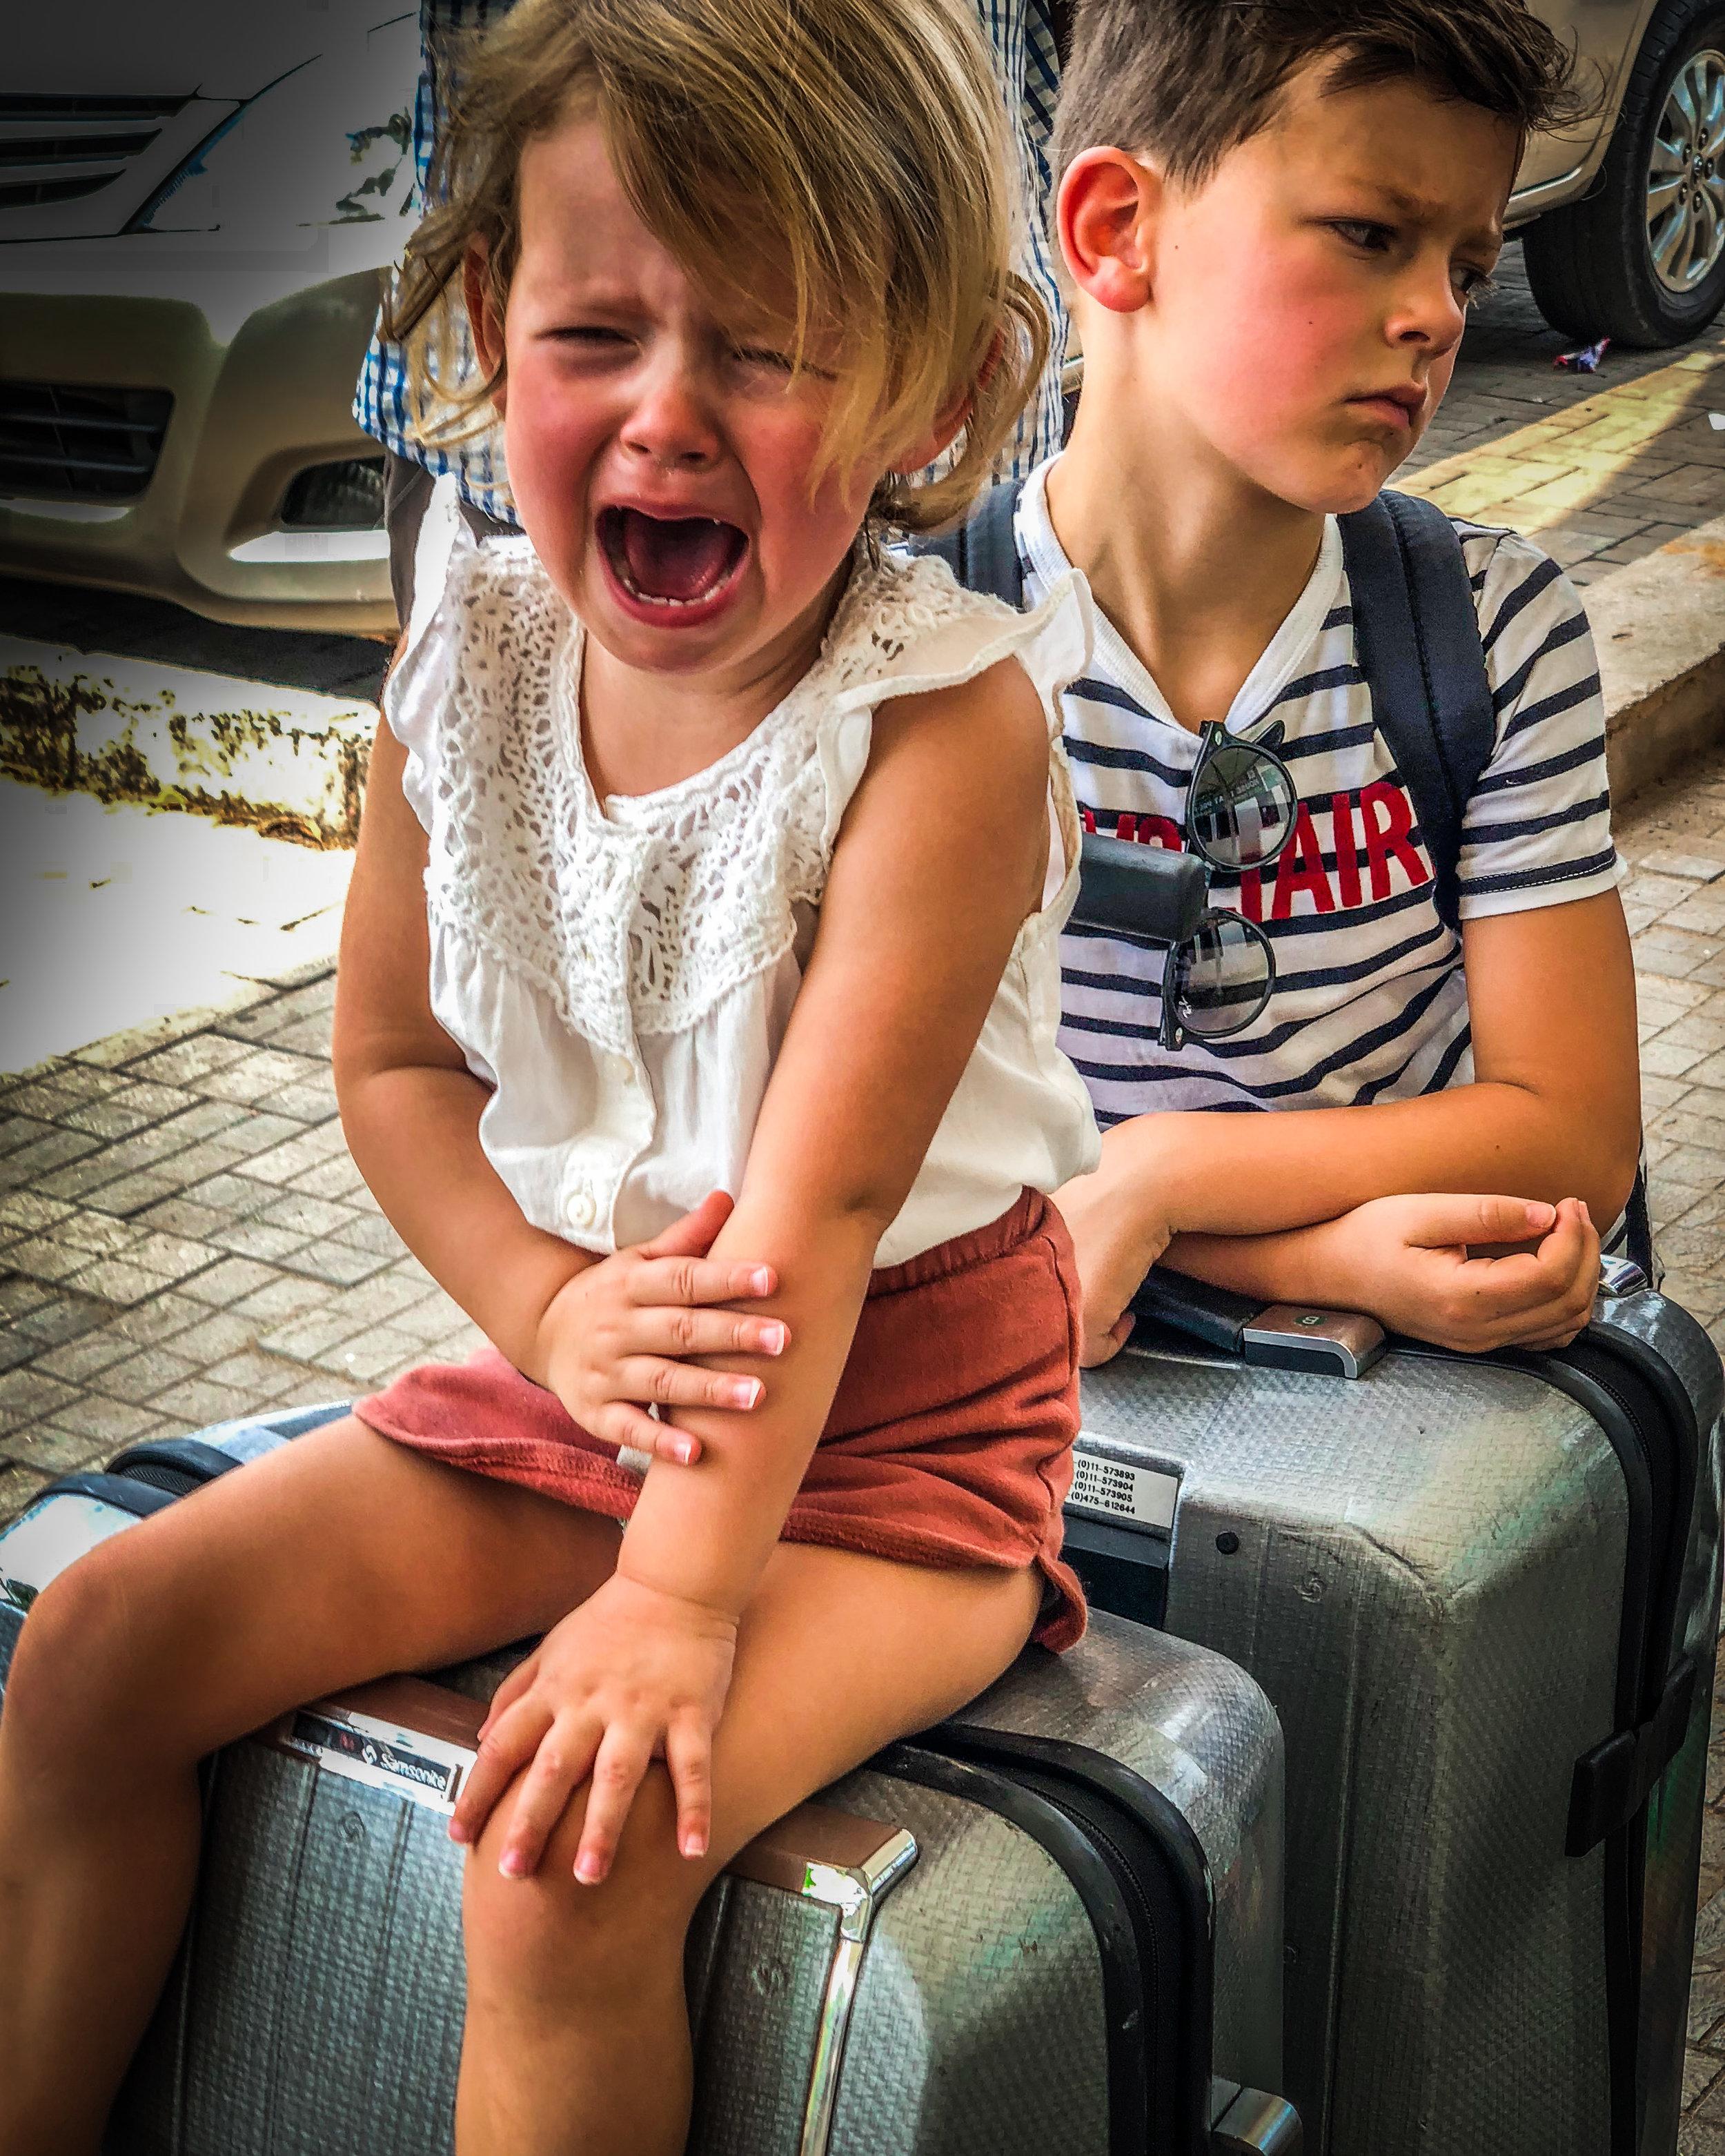 Heimwee+op+vakantie_of+op+kamp_Reizen+met+kinderen1.JPG?format=2500w